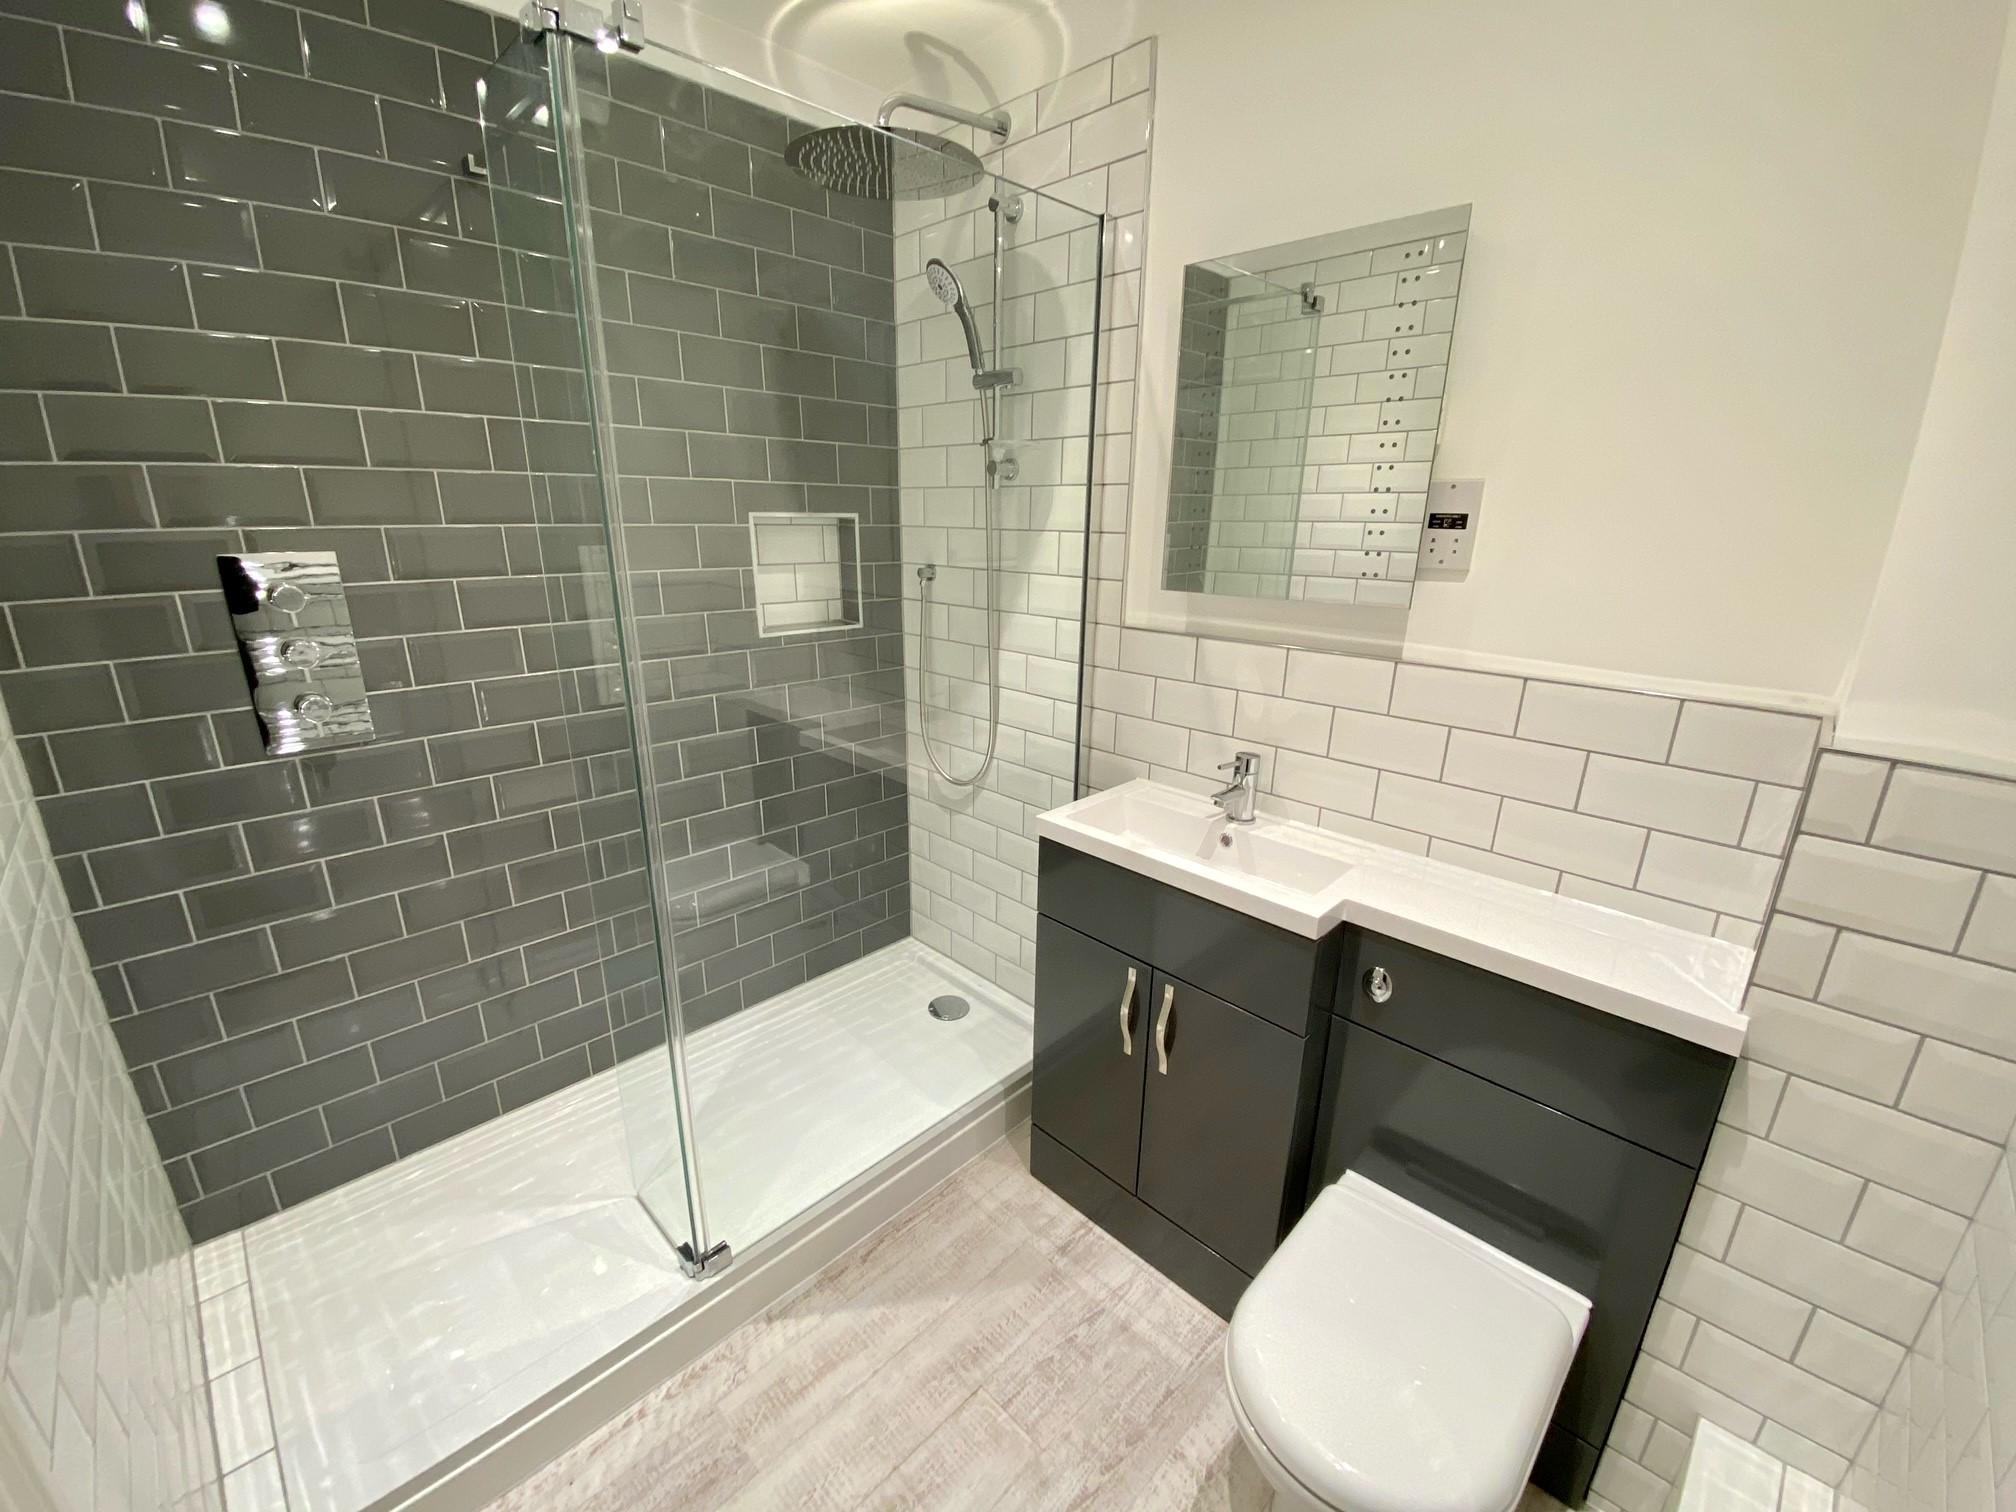 Finelia House Shower Room